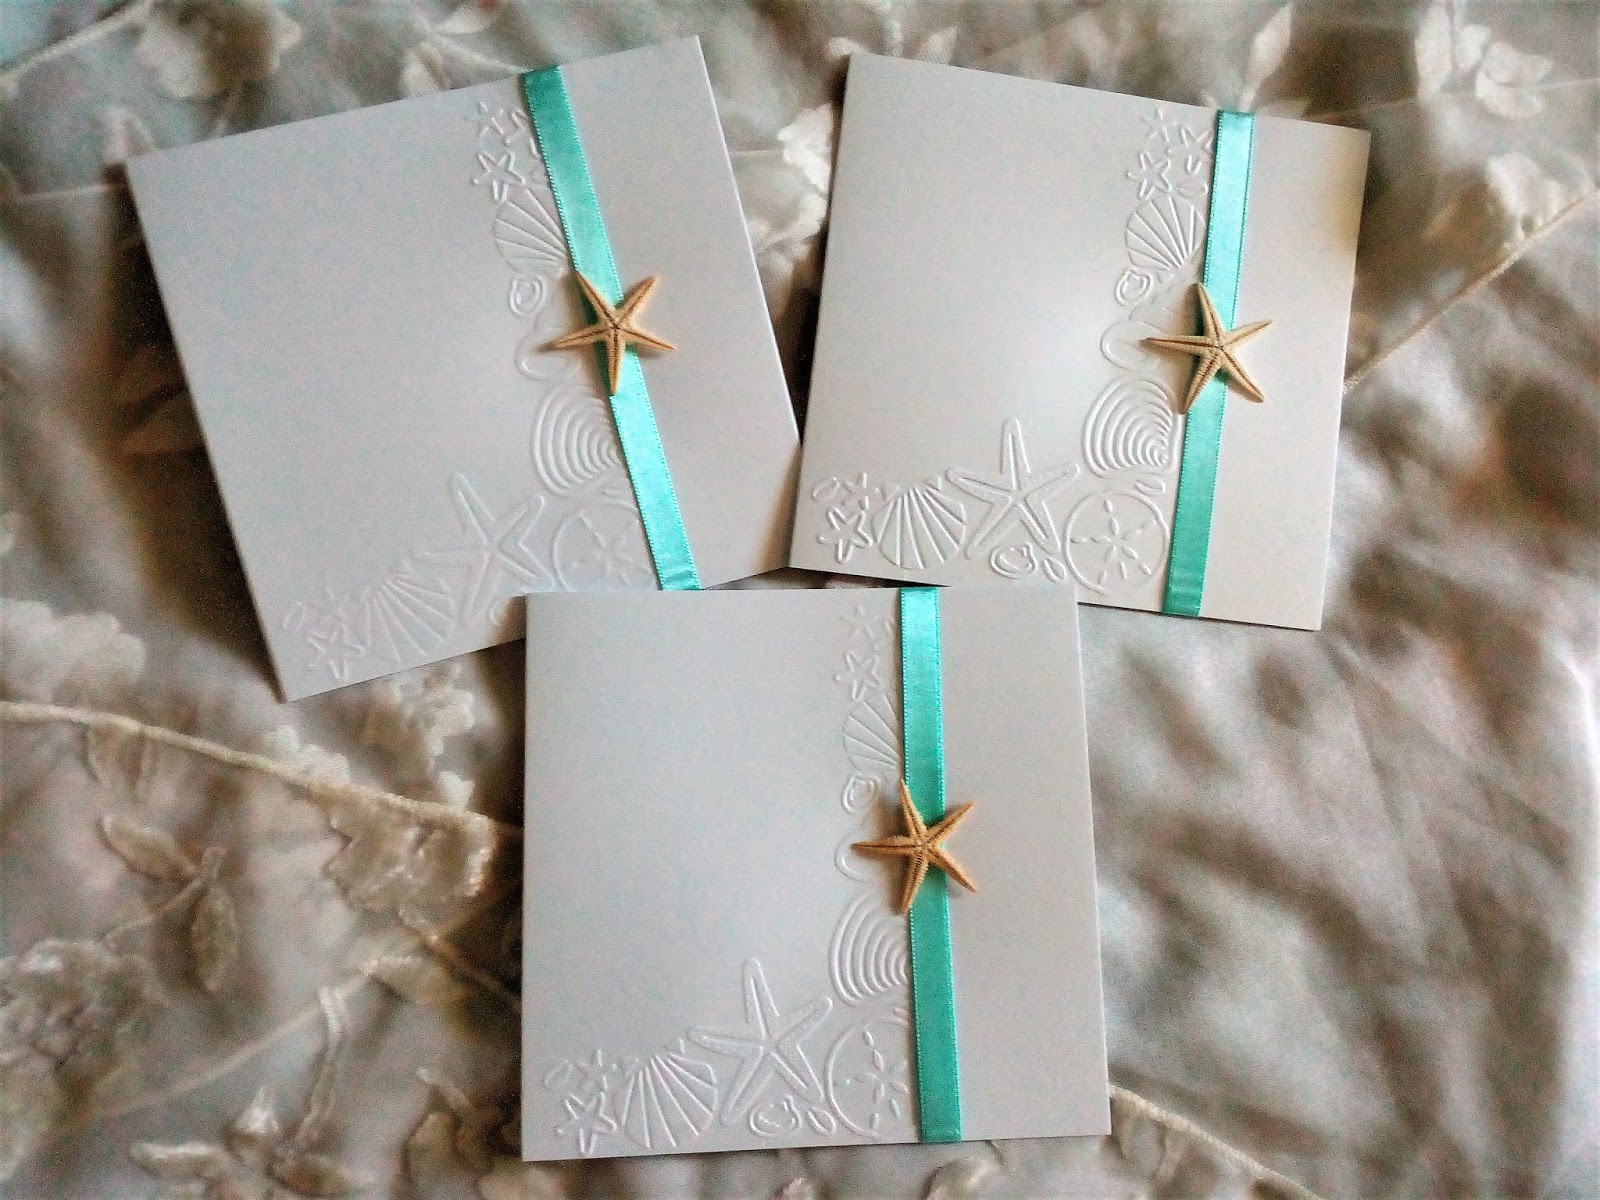 Partecipazioni Matrimonio Tema Mare.Partecipazioni Sognicreativi Wedding And Events Partecipazioni